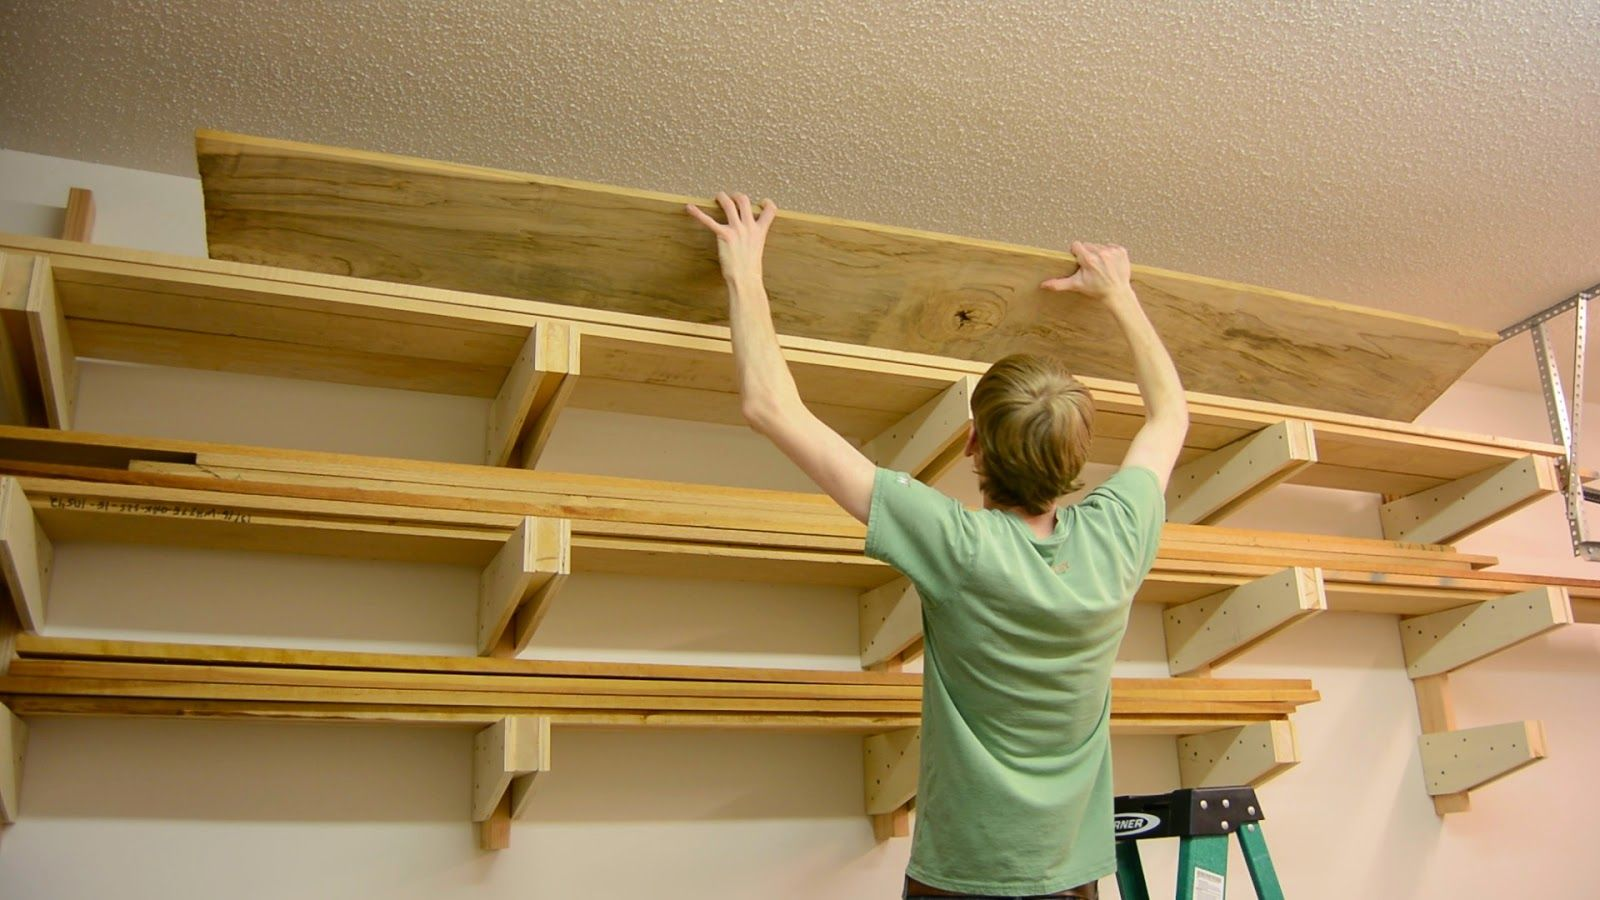 Ana White | Build a DIY Wall Mounted Lumber Rack - Featuring Lane ...